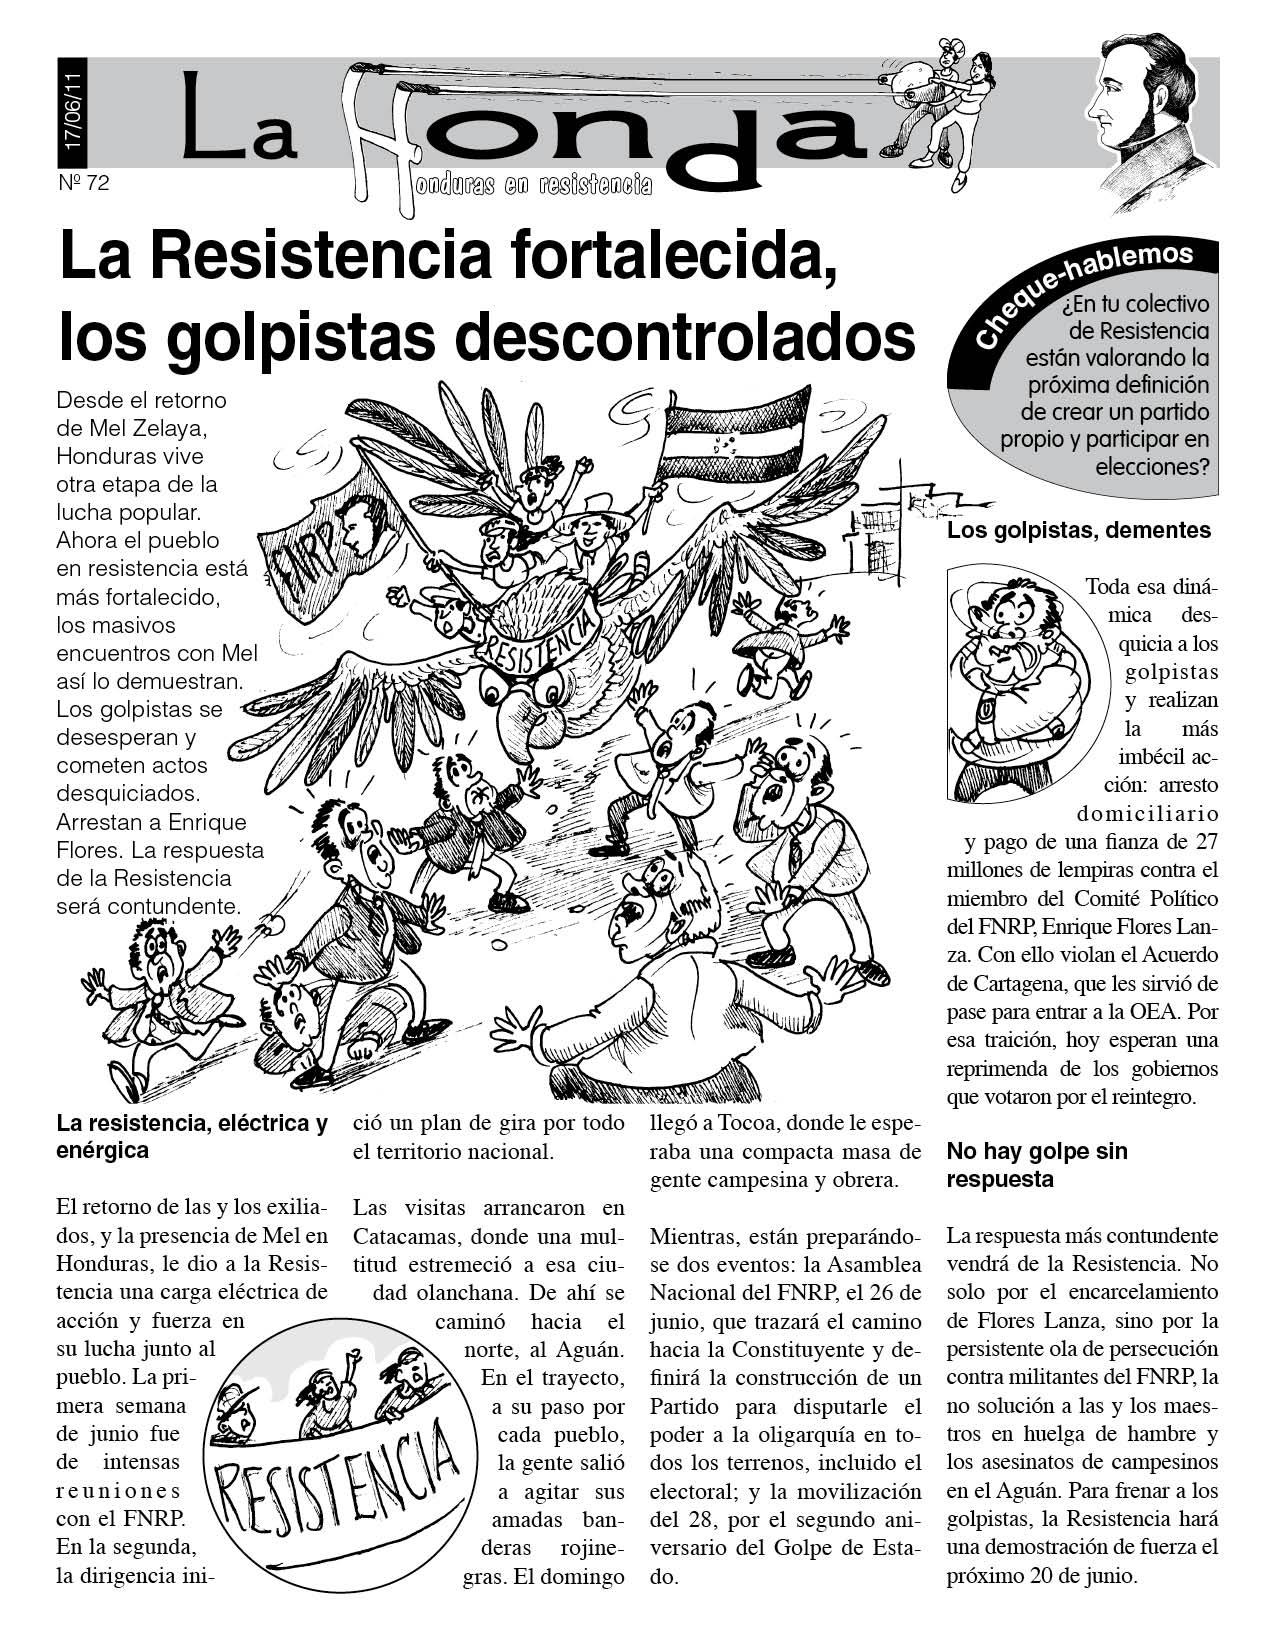 La Honda 72: La Resistencia fortalecida, los golpistas descontrolados